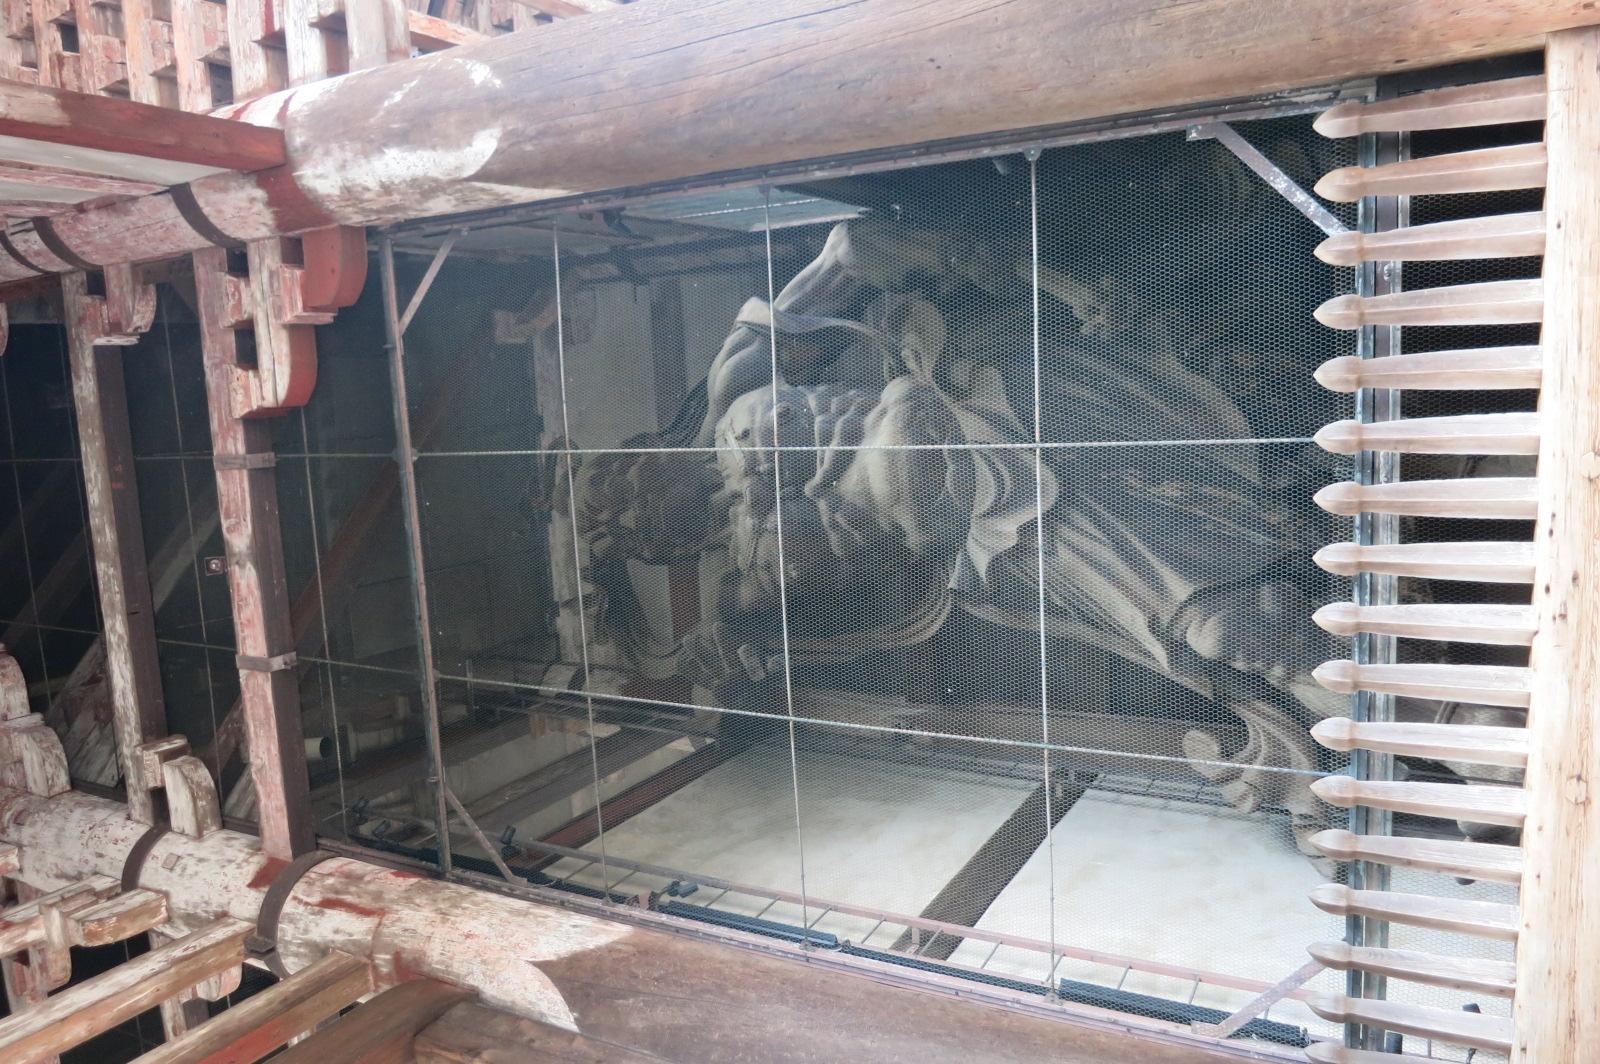 なかには金剛力士像(仁王像)が安置されています。吽行(うんぎょう)像と、